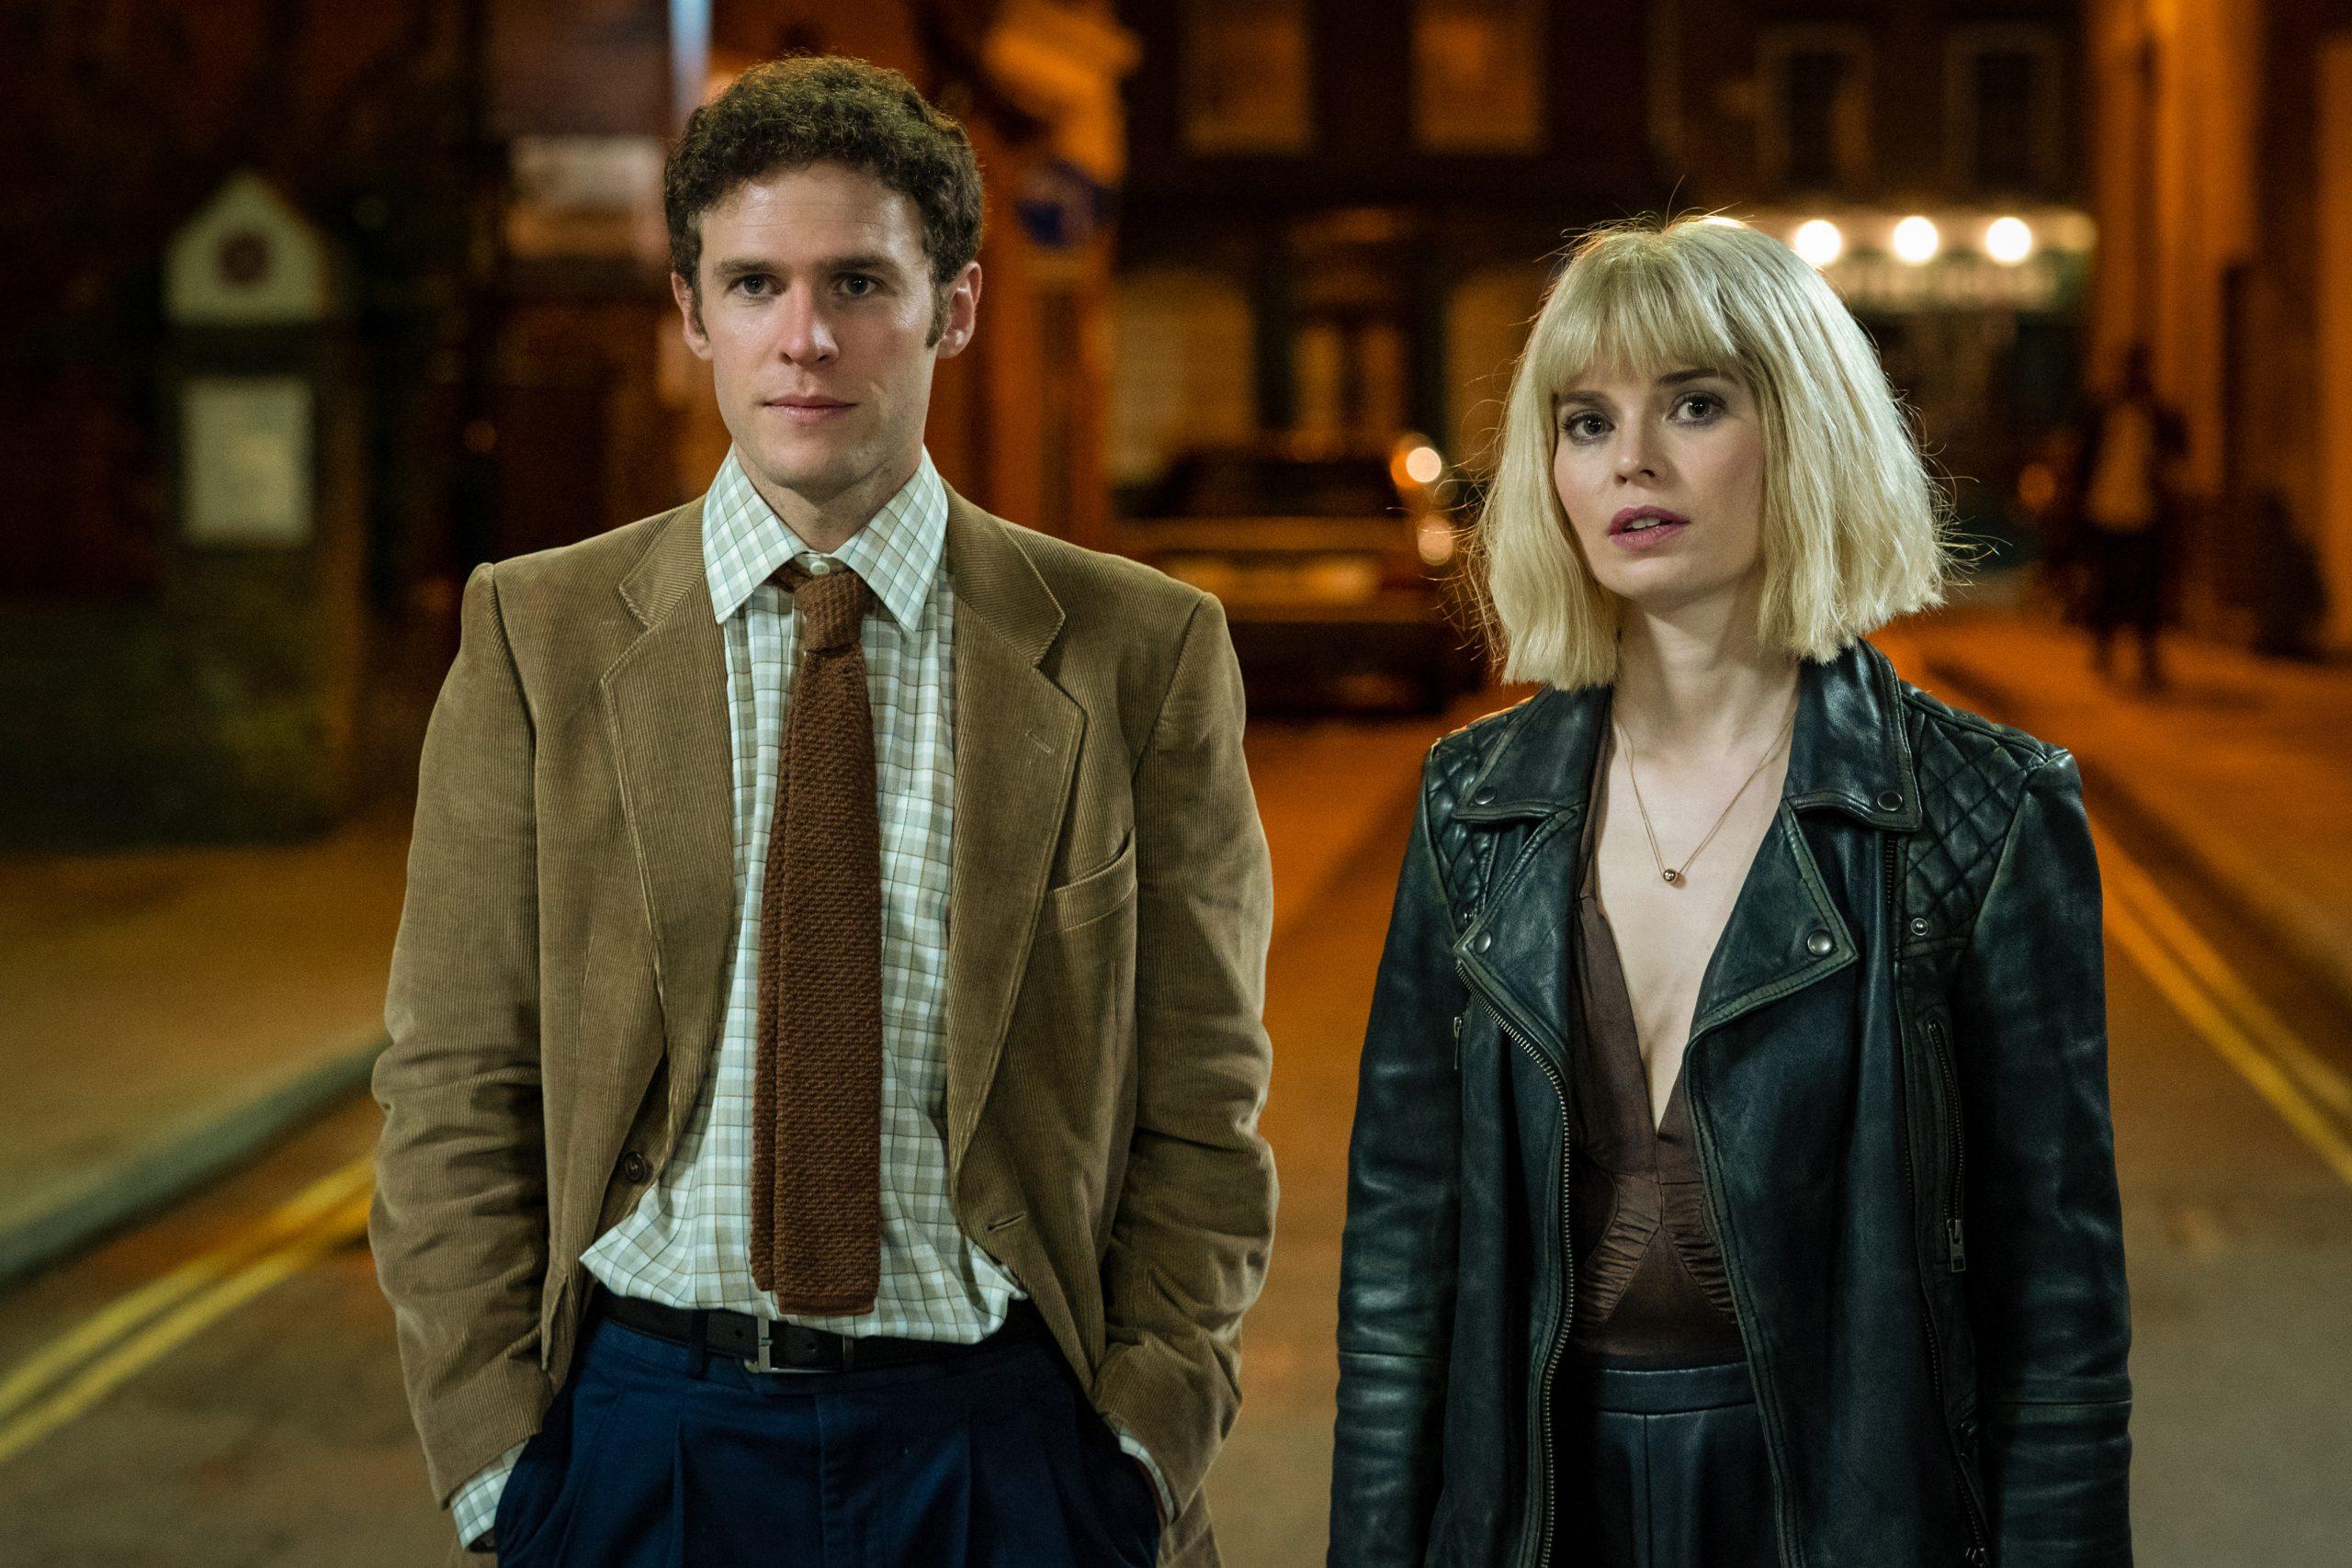 Como eran ... Iain De Caestecker y Gina Bramhill como versiones más jóvenes de Douglas y Connie en Us